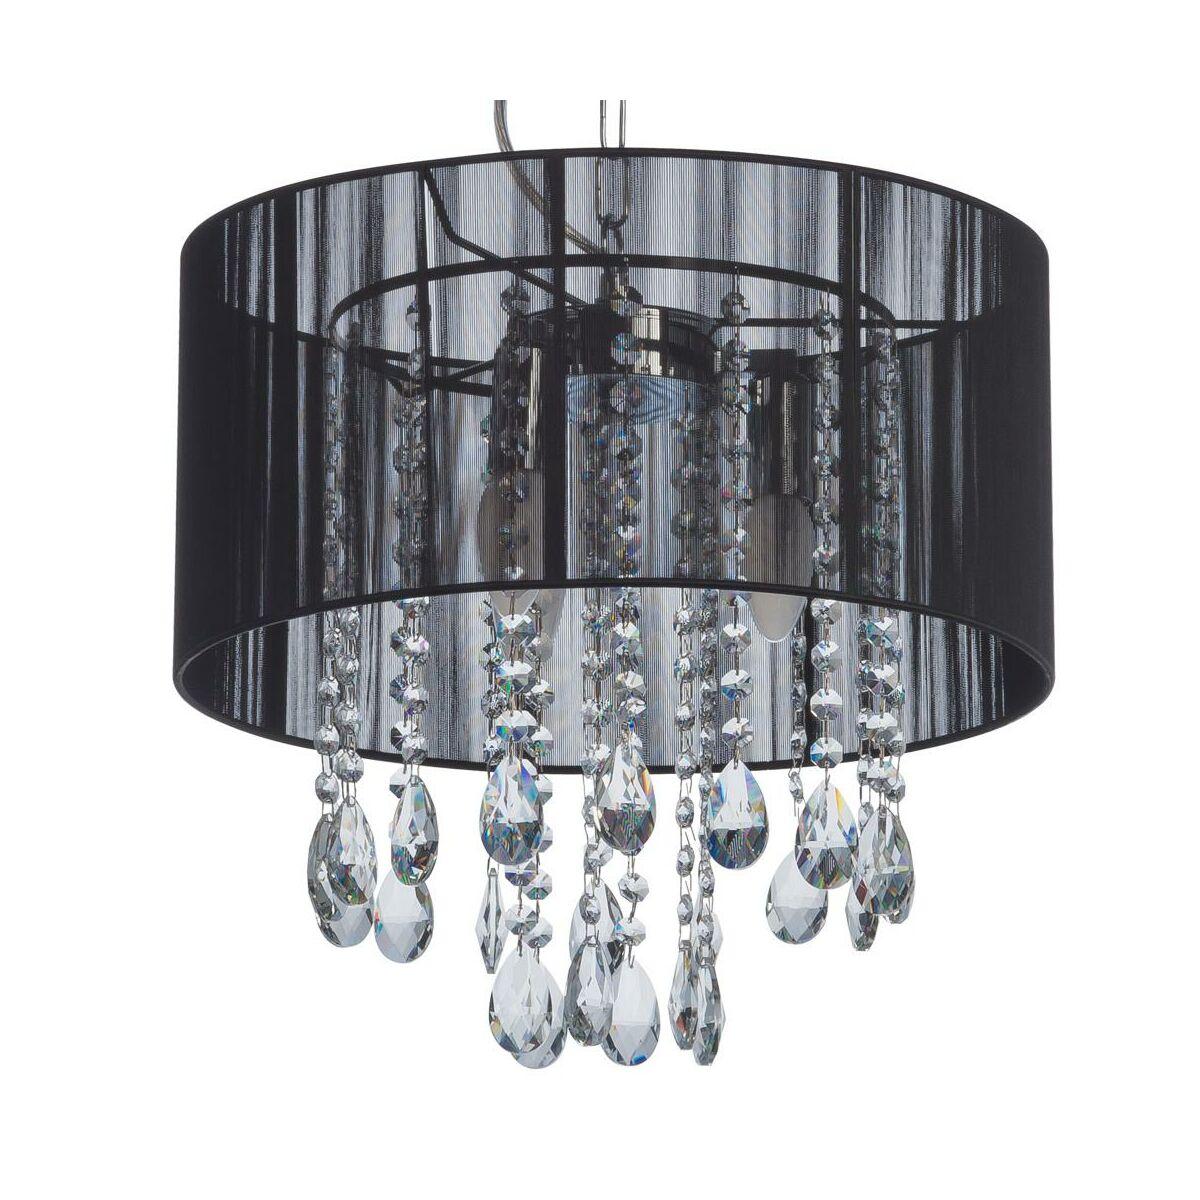 Lampa Wiszaca Essence Czarna E14 Italux Zyrandole Lampy Wiszace I Sufitowe W Atrakcyjnej Cenie W Sklepach Leroy Merlin